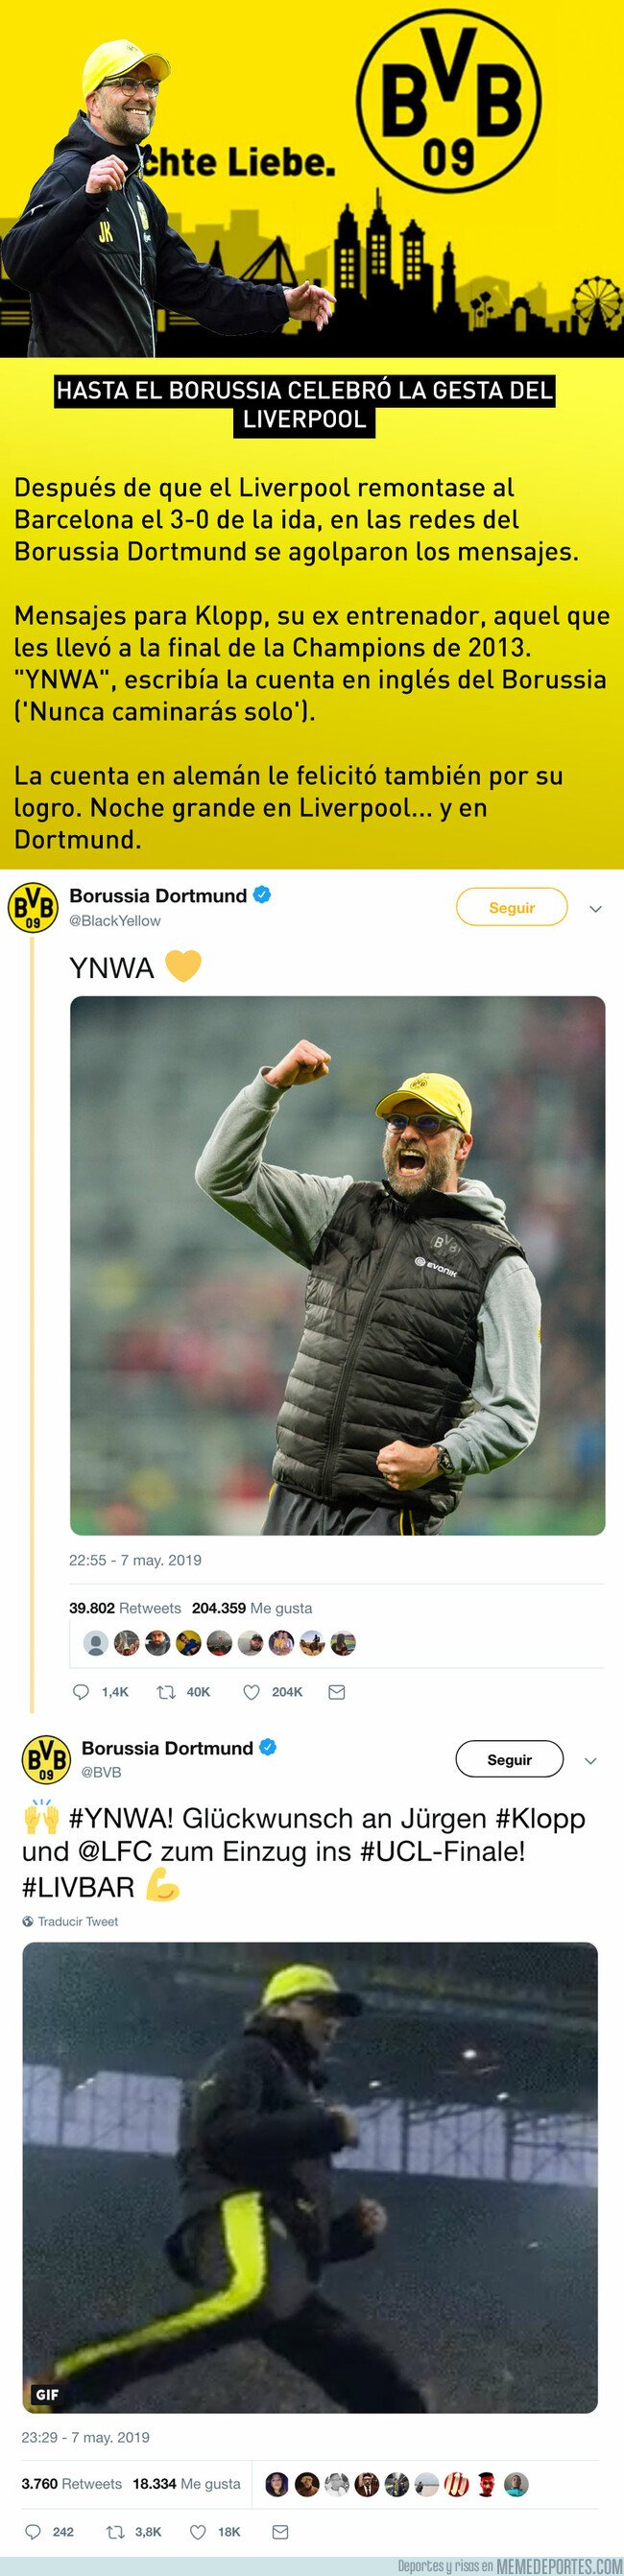 1074167 - Hasta el Borussia celebró la gesta del Liverpool